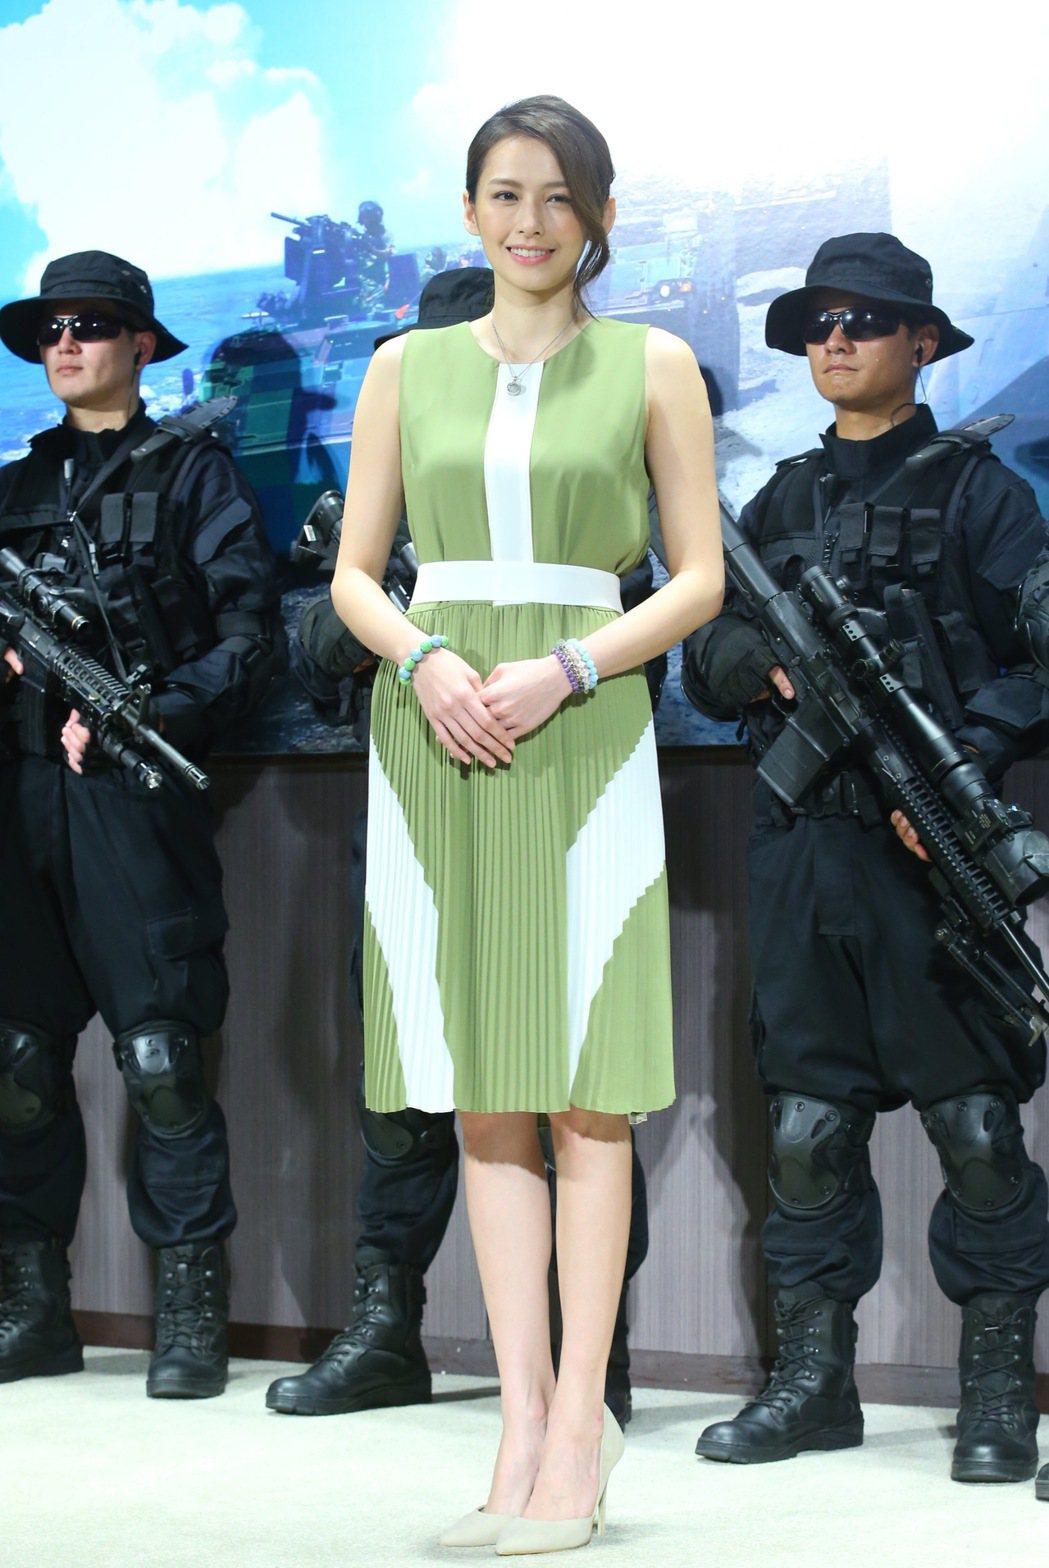 袁艾菲首次擔任女主角,演出國軍形象劇《最好的選擇》。 圖/聯合報系資料照